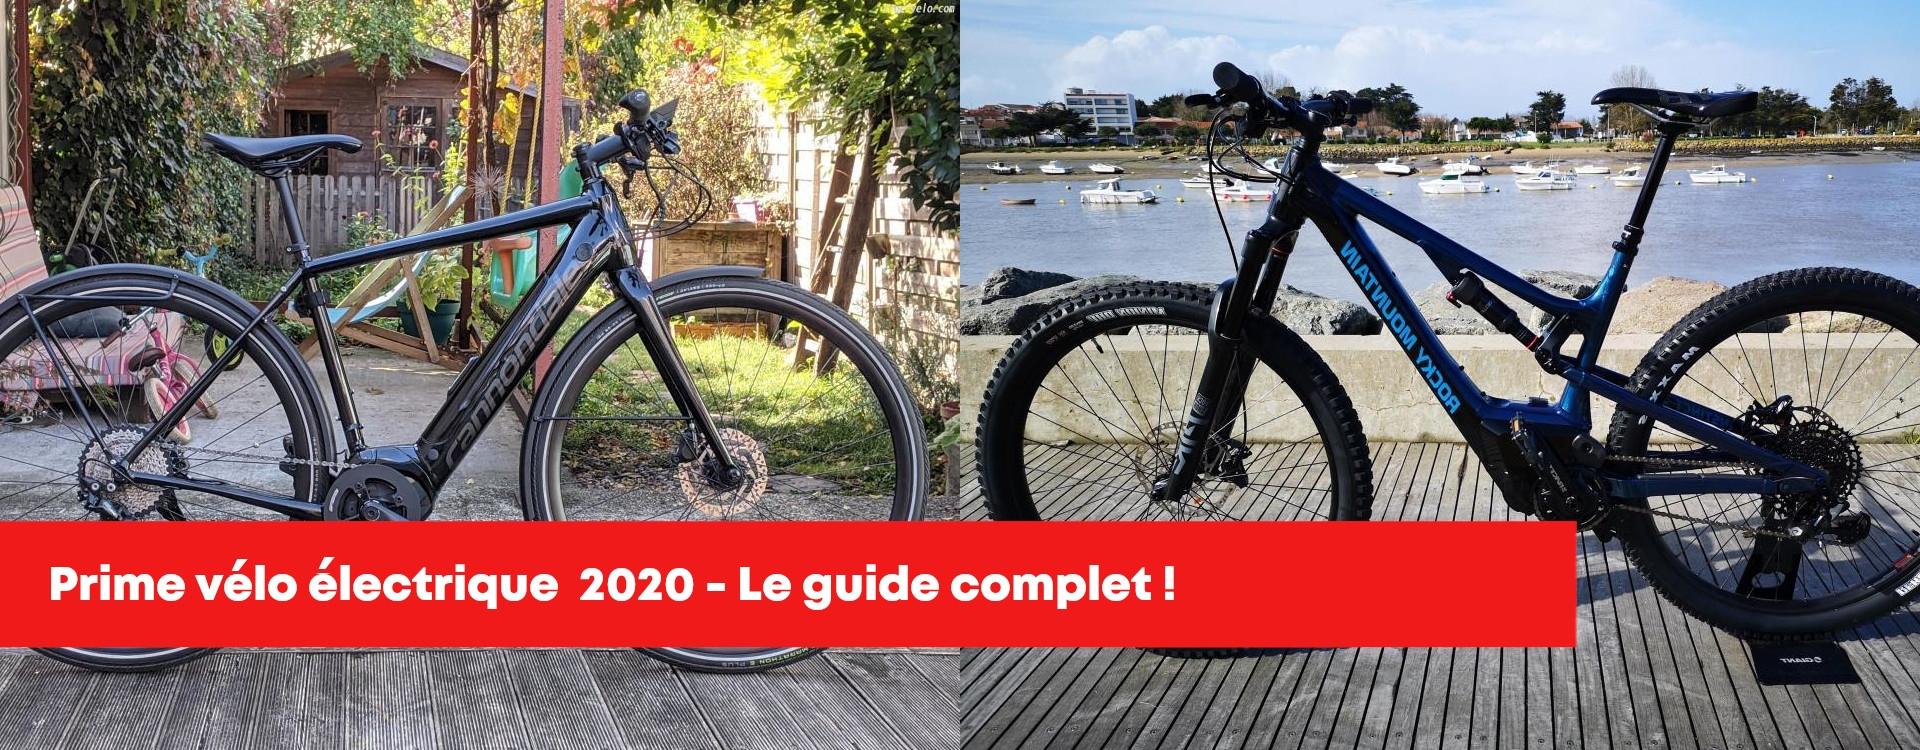 Subvention vélo électrique 2020 - Notre guide !